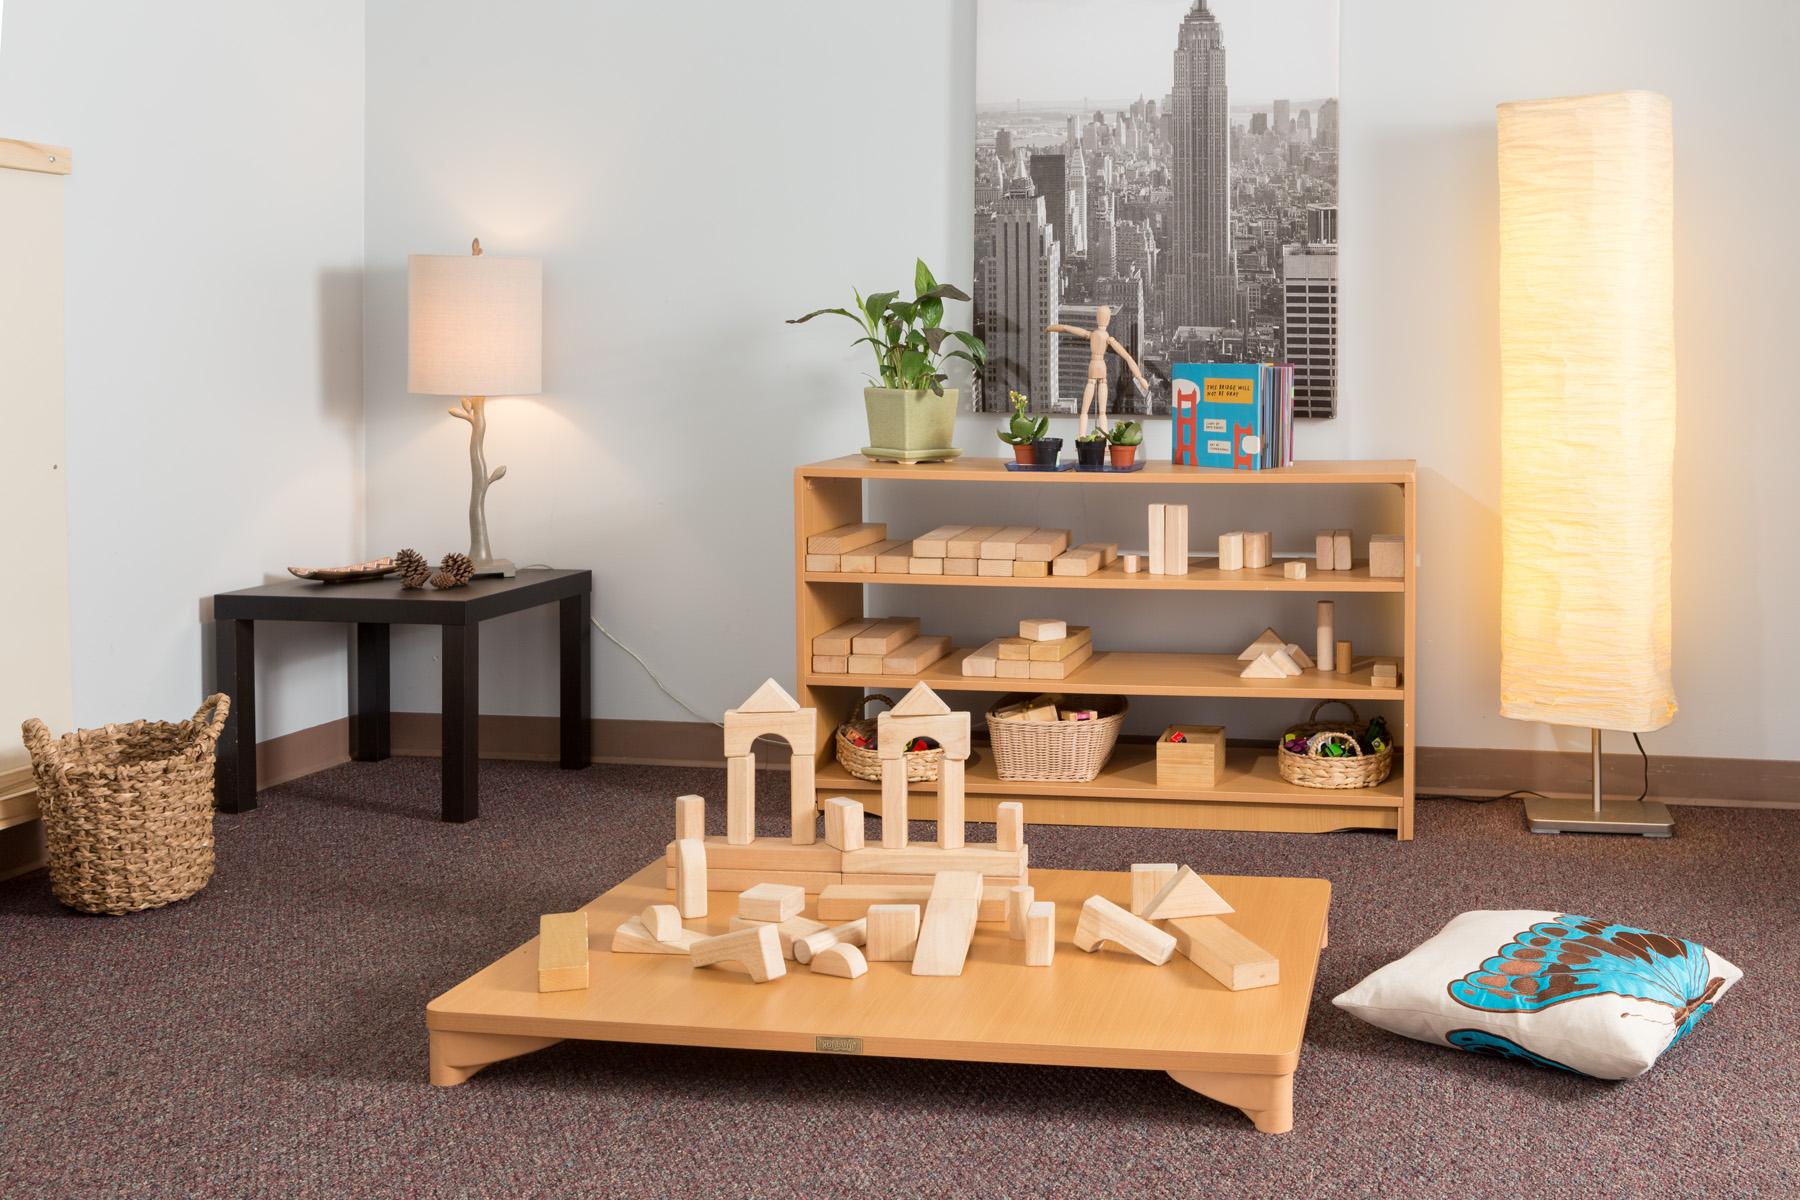 Blocks on table